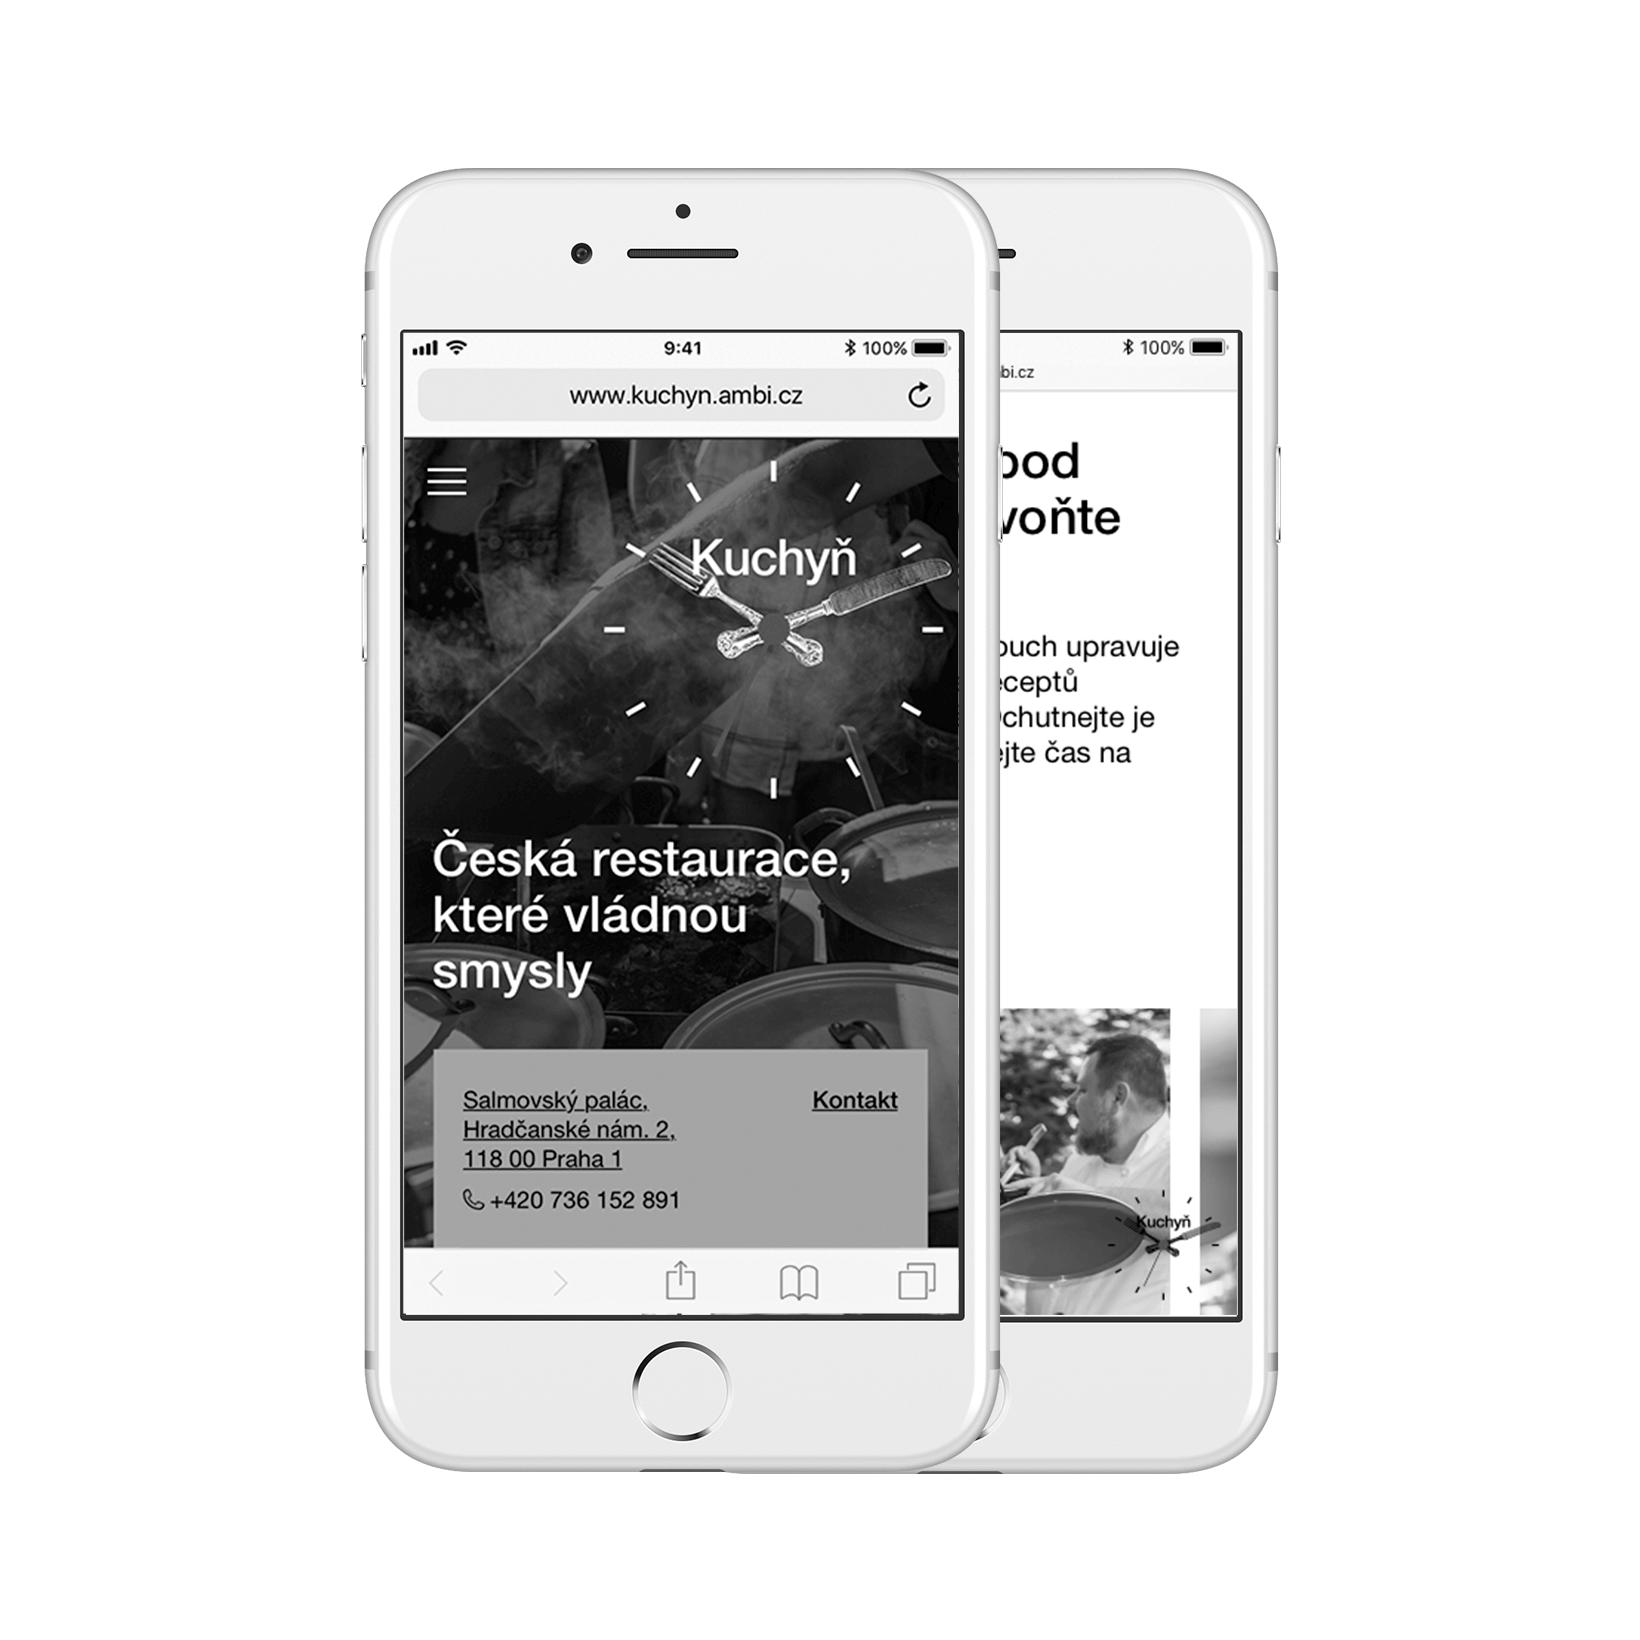 Kuchyn – website overhaul